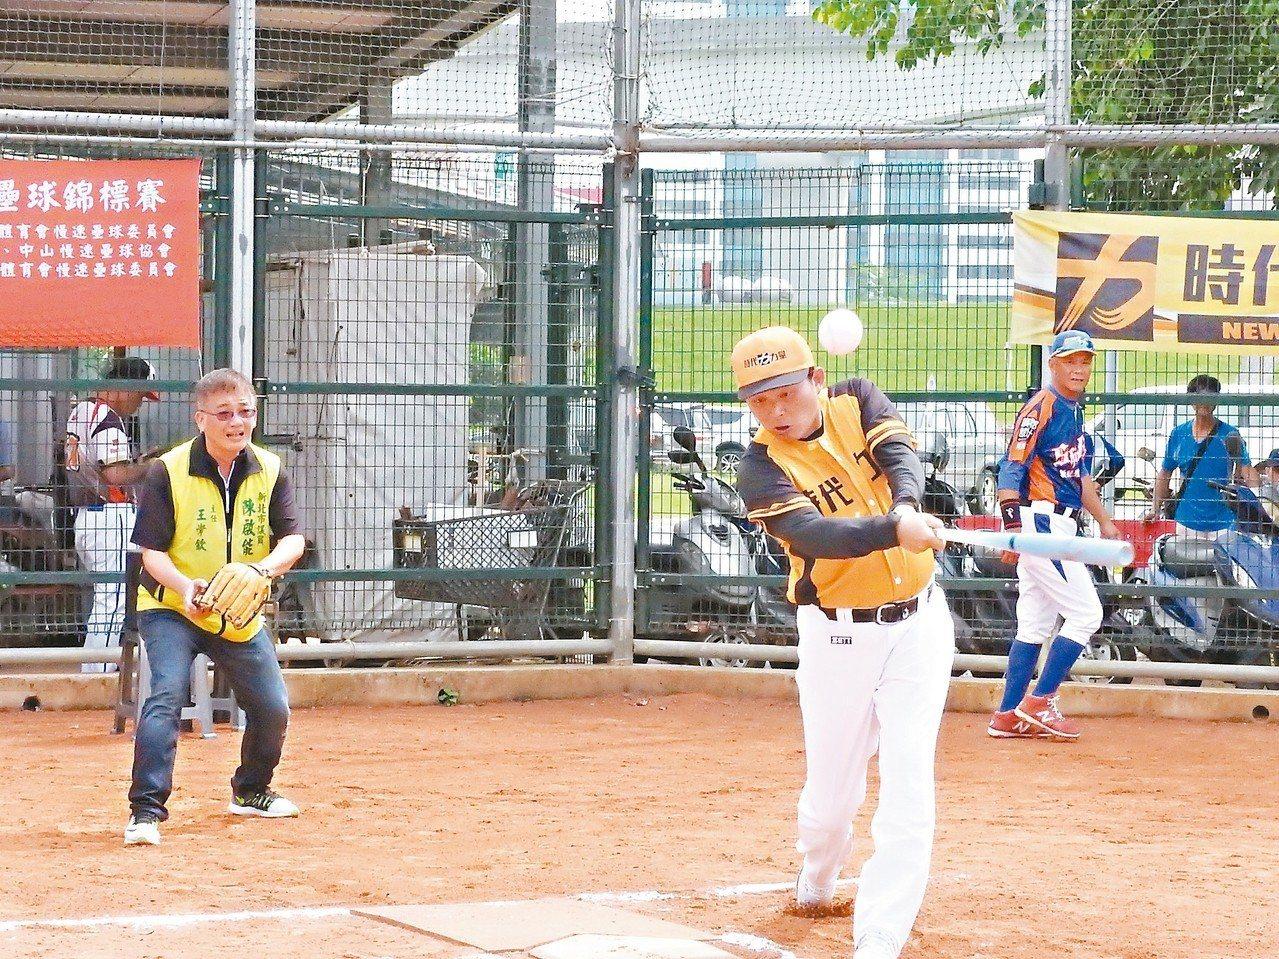 時代力量昨天舉辦新北盃慢速壘球錦標賽,藍綠陣營都有組隊切磋。 記者祁容玉/攝影